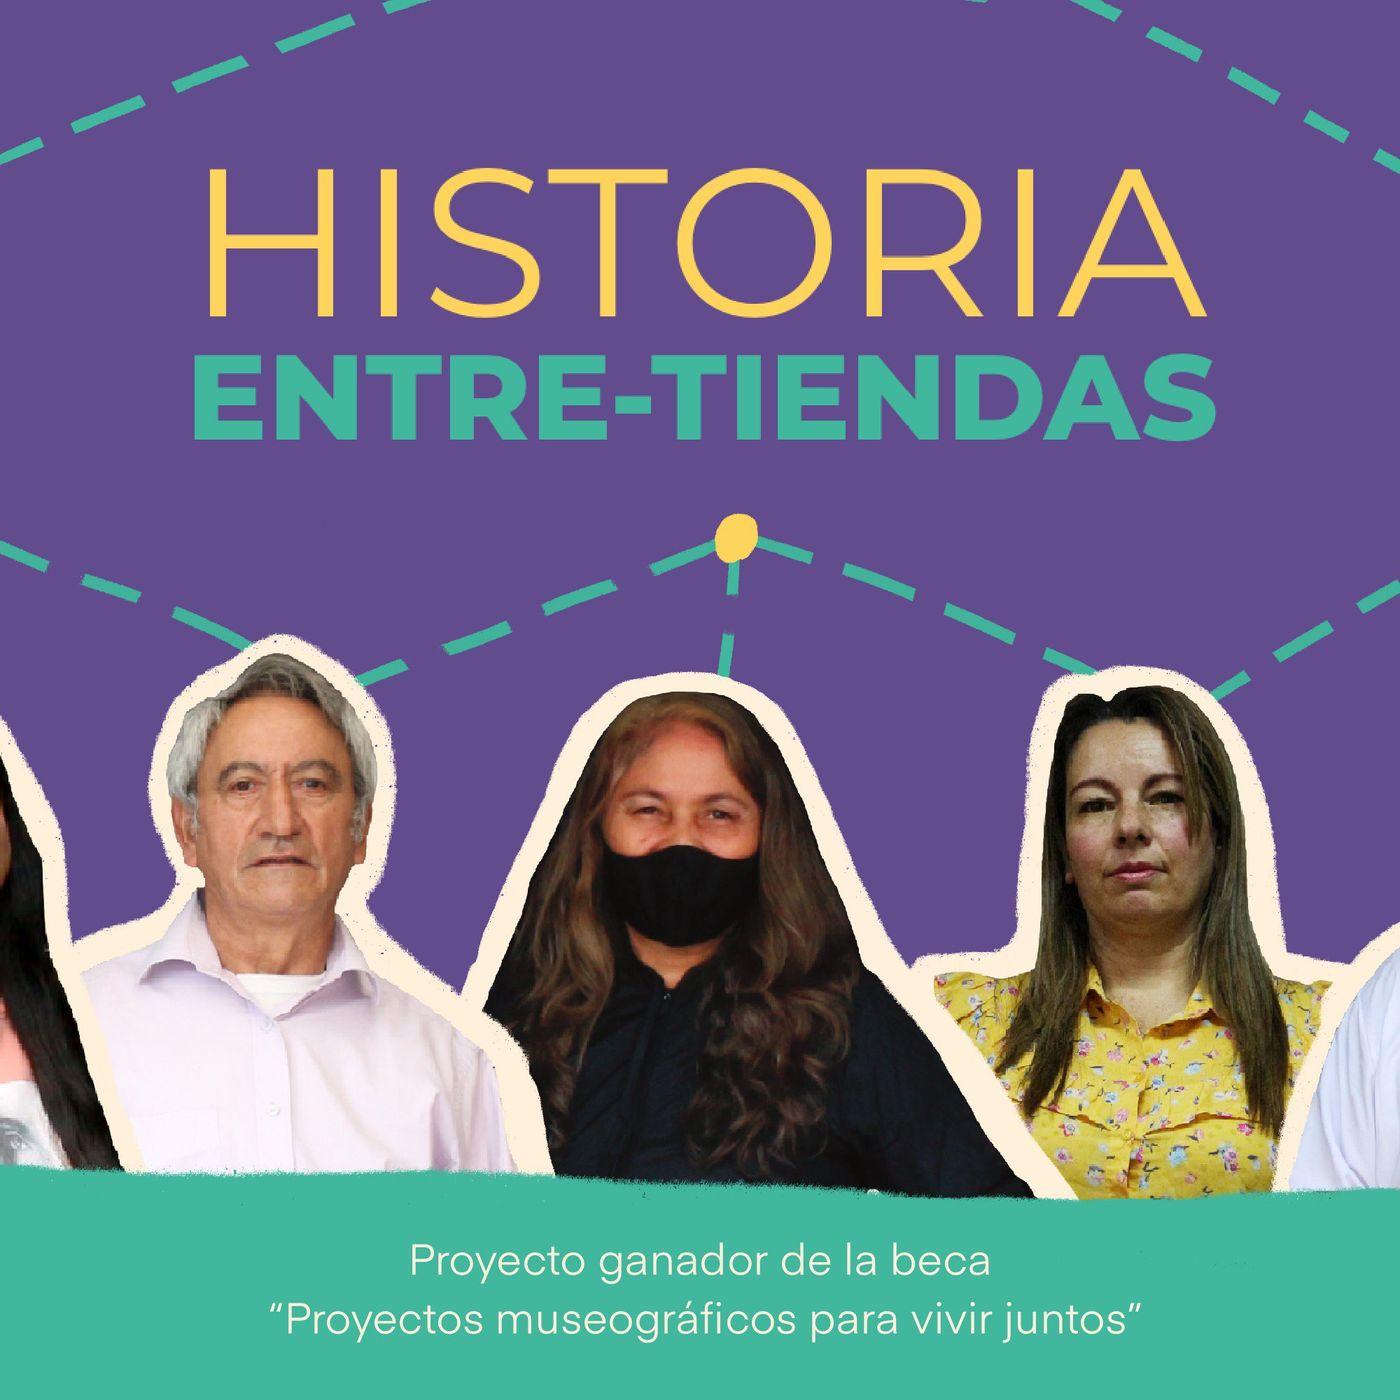 Trailer 2da temporada: Historia entre-tiendas | Bacatáfono